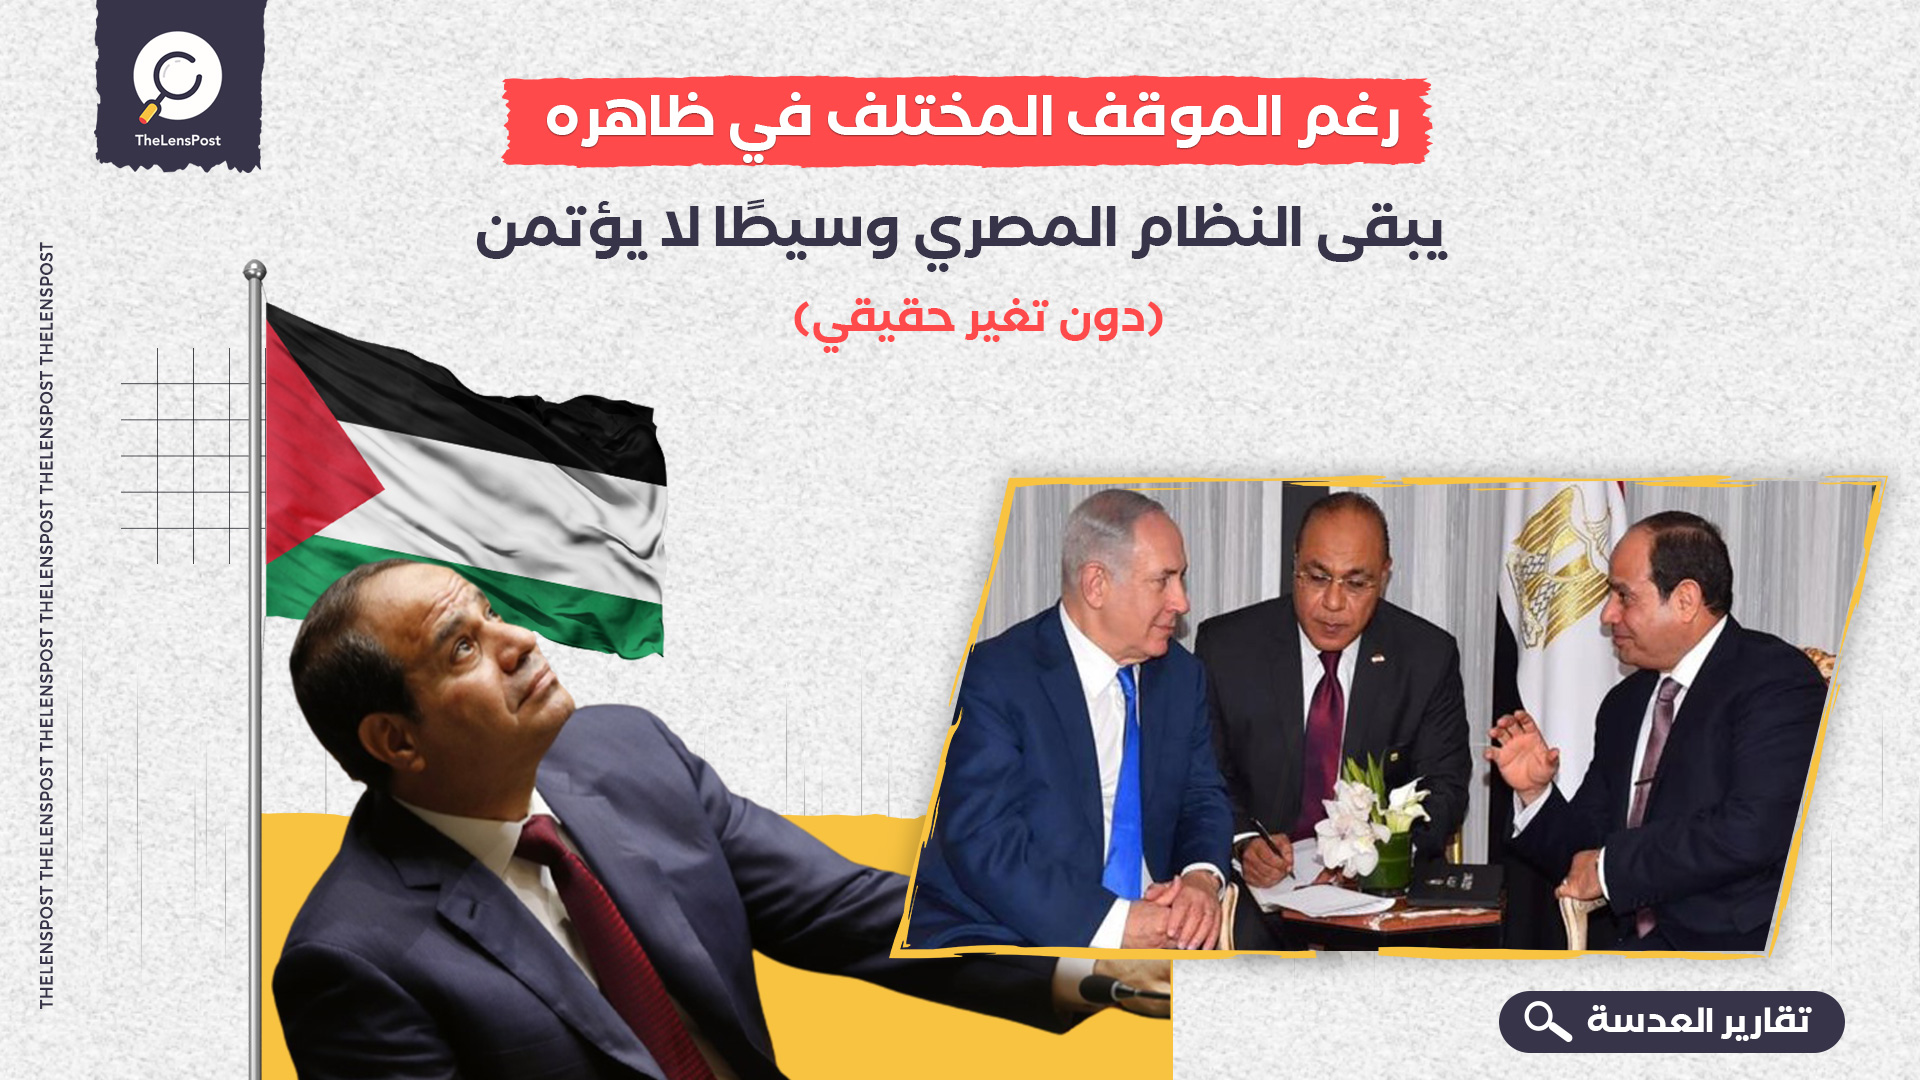 رغم الموقف المختلف في ظاهره.. يبقى النظام المصري وسيطًا لا يؤتمن